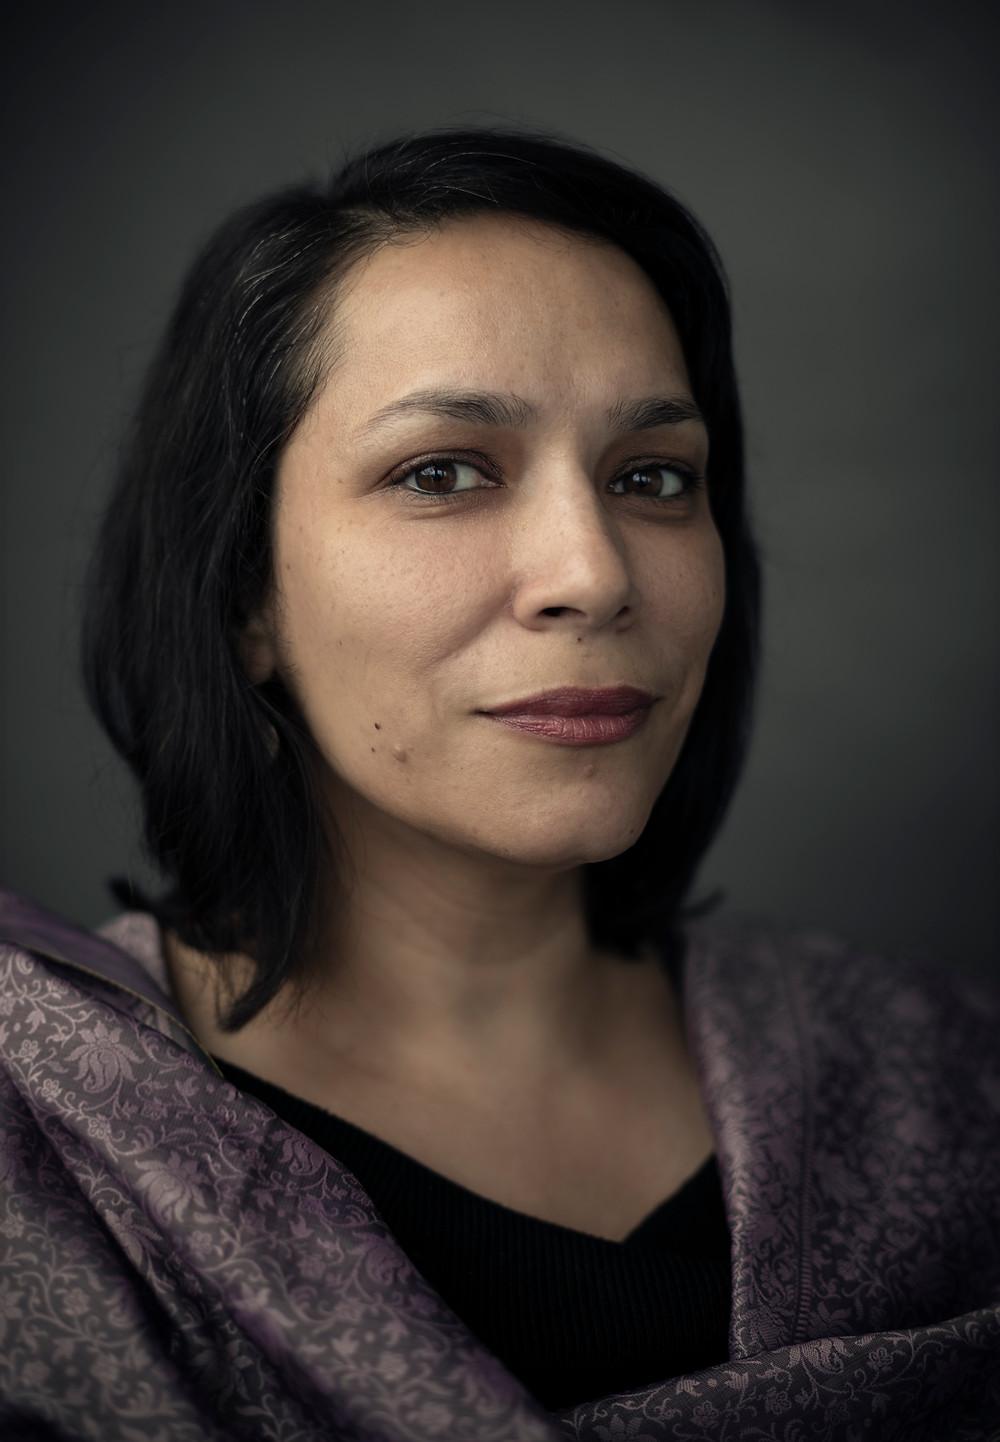 Portrait of Naina Dewan